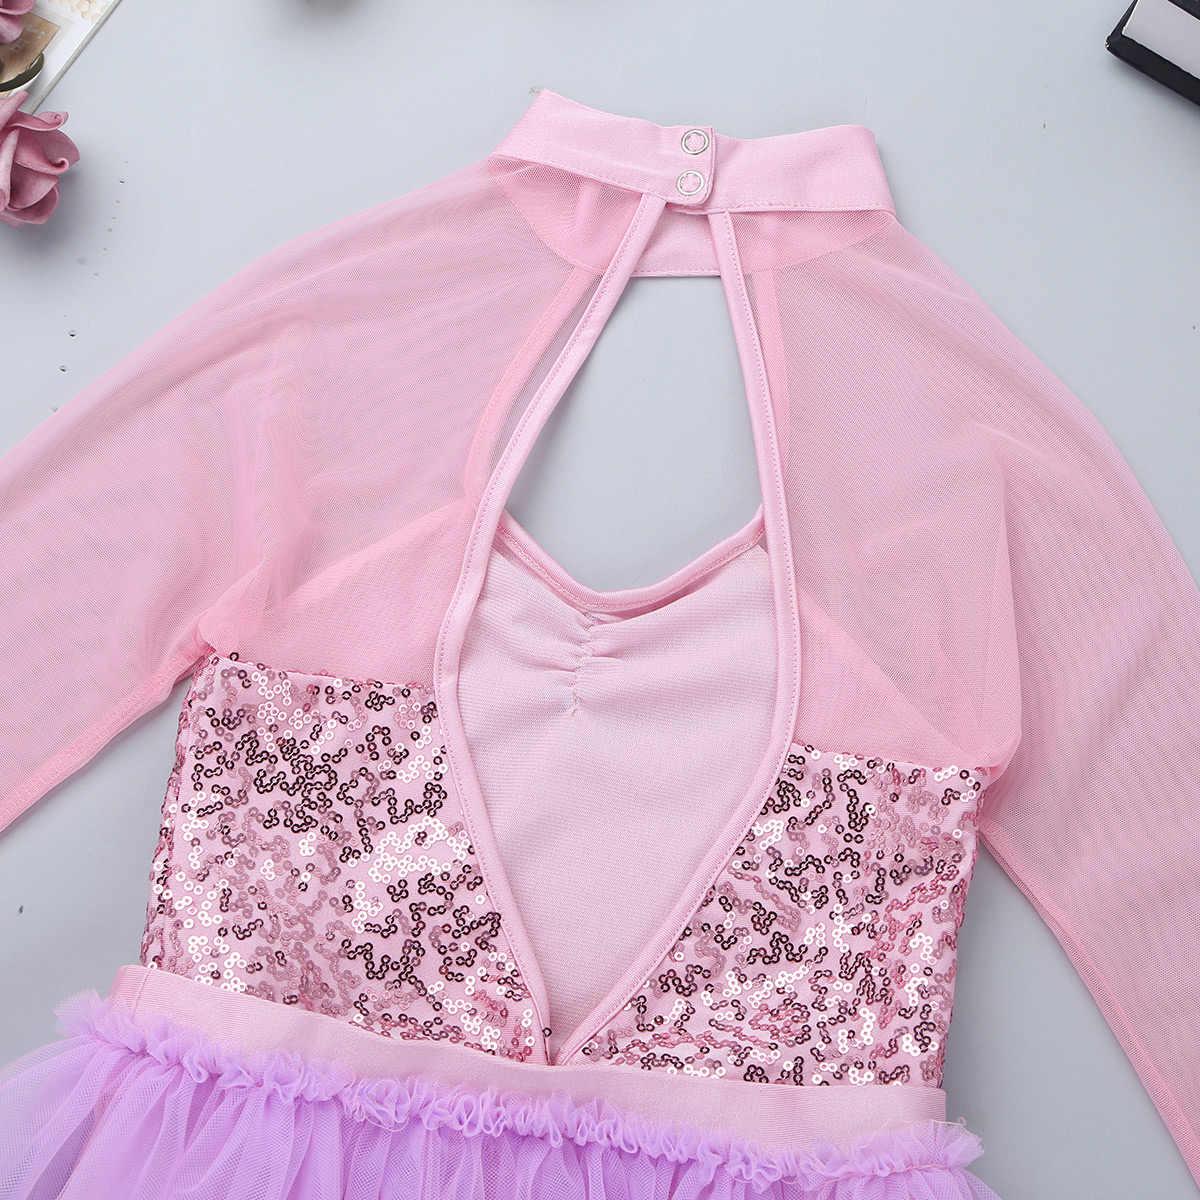 Trẻ em Cô Gái Múa Ba Lê Leotard Váy Tutu Váy cho Girl Lyrical Múa Đương Đại Tulle Shiny Sequins Cutout Lại Nhảy Trang Phục Jumpsuit